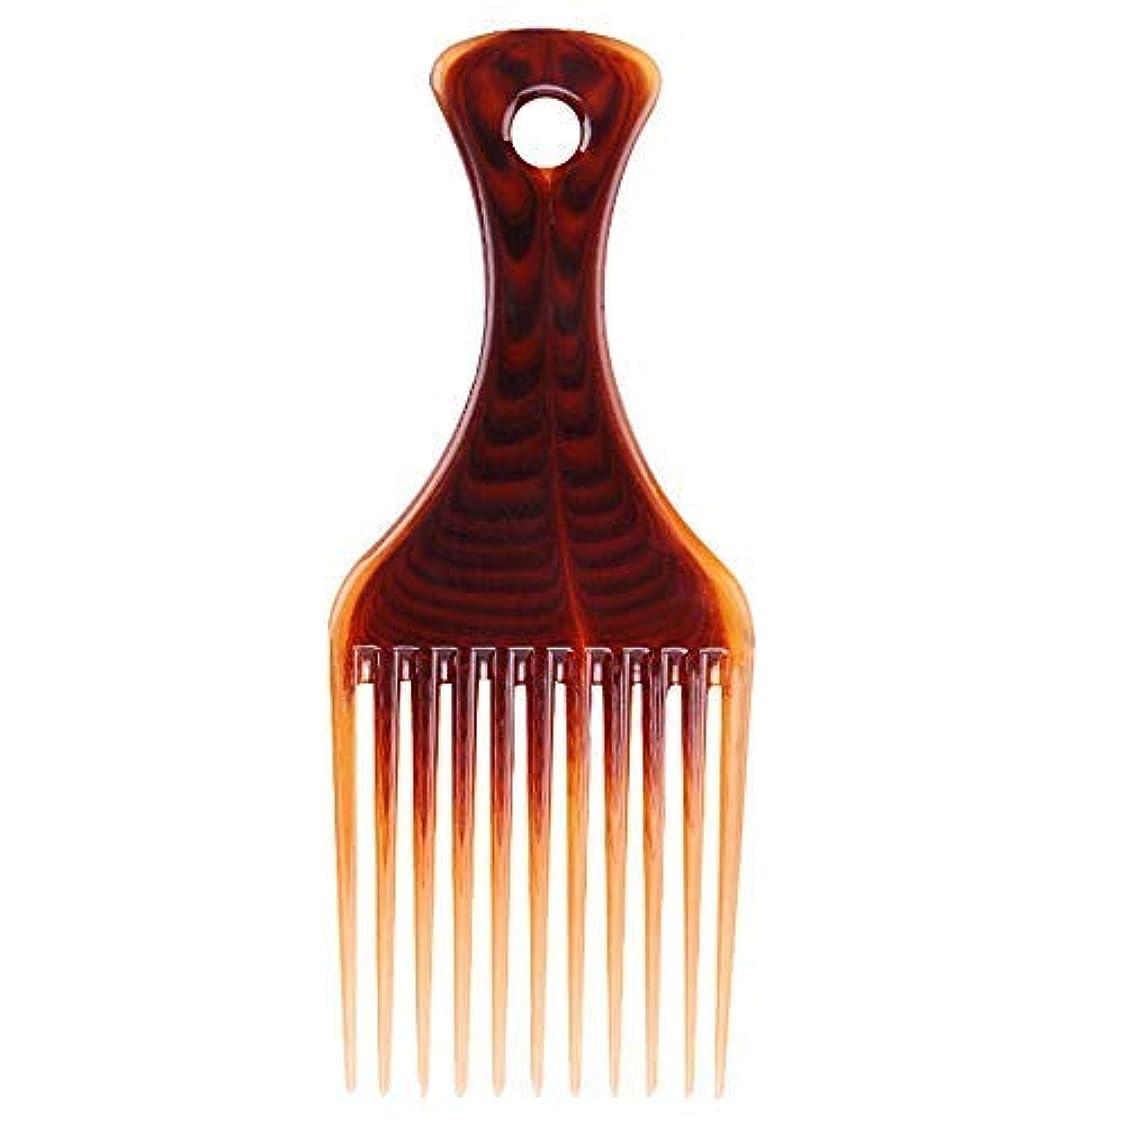 気分寄託叱るRosette Hair Amber Smooth Hair Pick Comb Afro Lift Detangle Hair Comb Hair Styling Tools [並行輸入品]